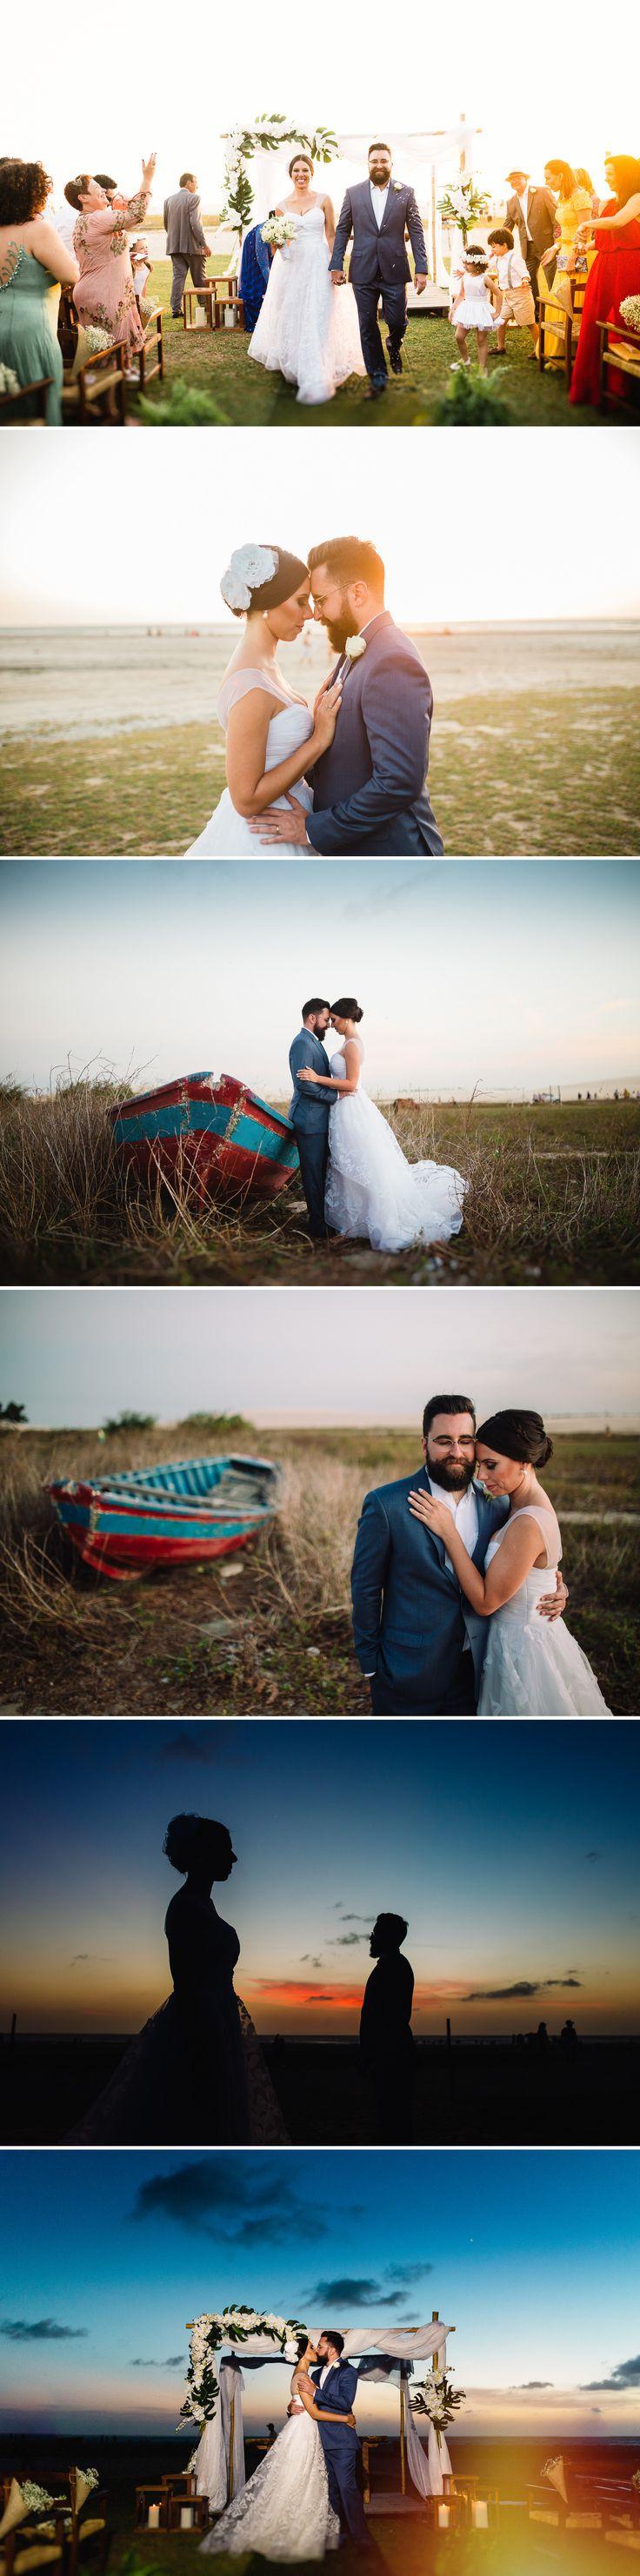 Casamento em Jericoacoara. Destination Wedding em Jeri. Fotos do casamento por Arthur Rosa. Praia de Jericoacora - Brasil